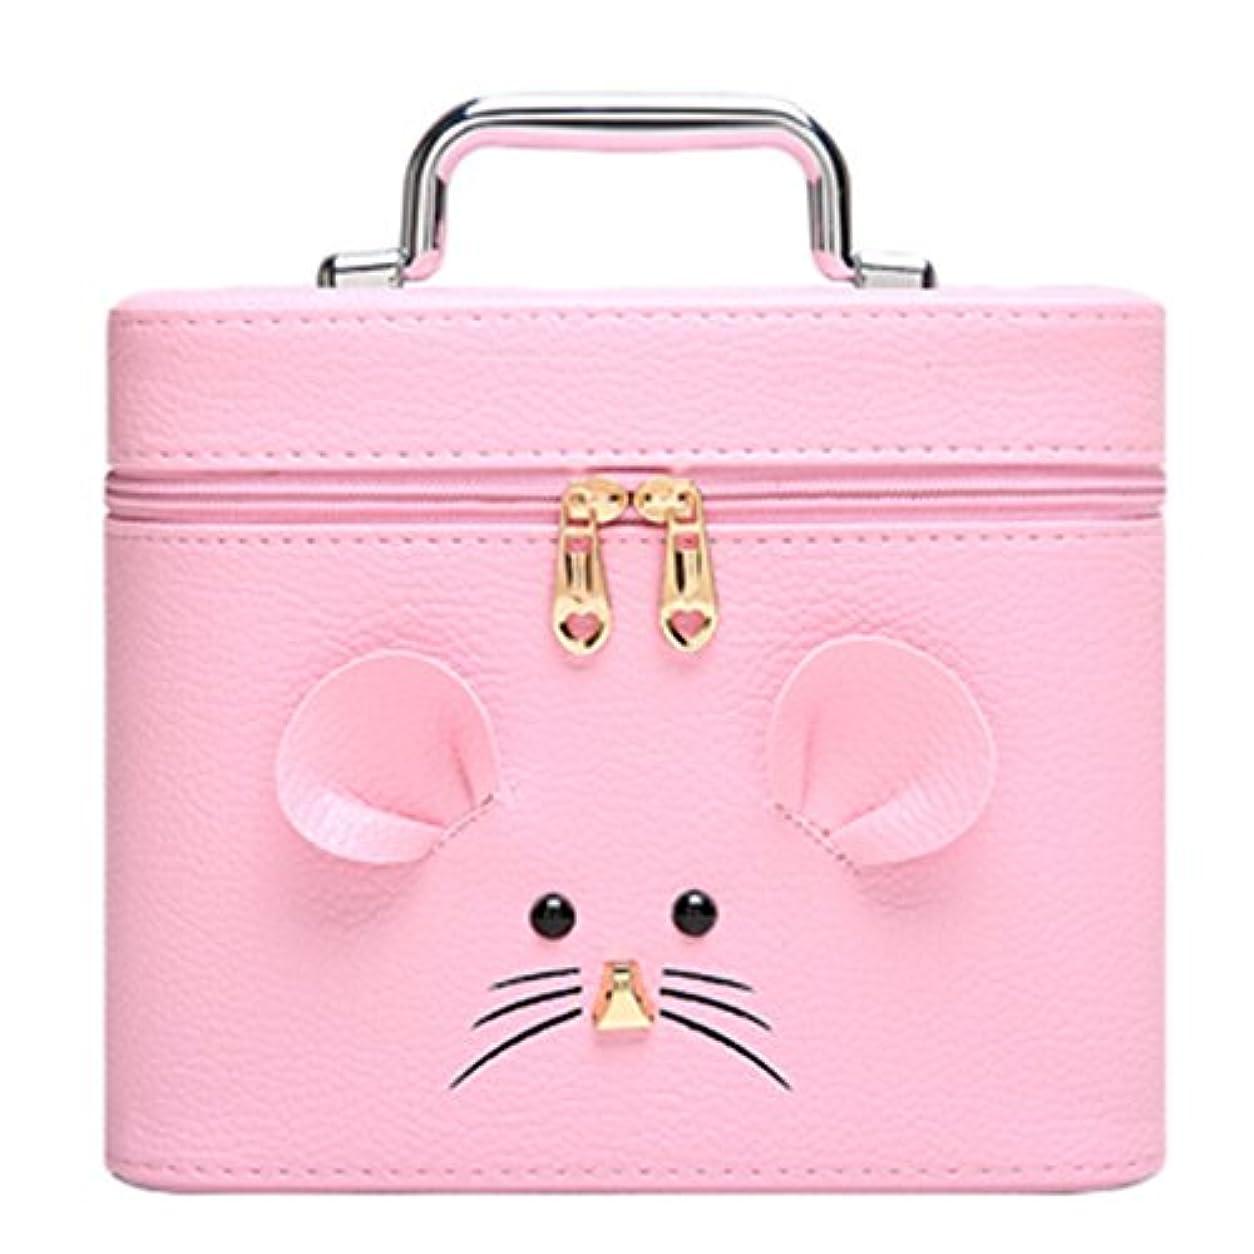 ミサイル増強するホステル化粧オーガナイザーバッグ ジッパーと化粧鏡で小さなものの種類の旅行のための美容メイクアップのためのピンクのポータブル化粧品バッグ 化粧品ケース